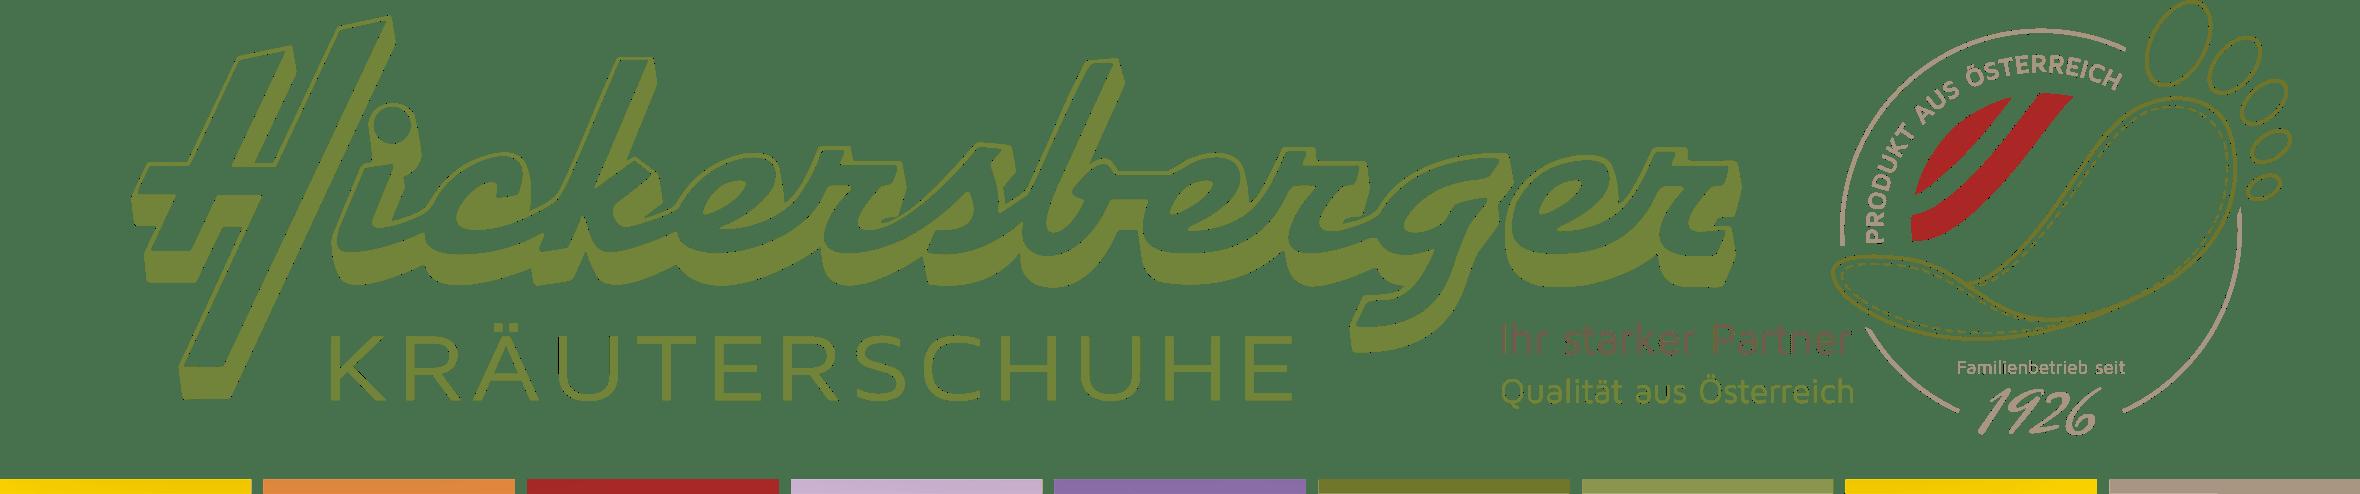 Hickersberger Logo ohne Hintergrund